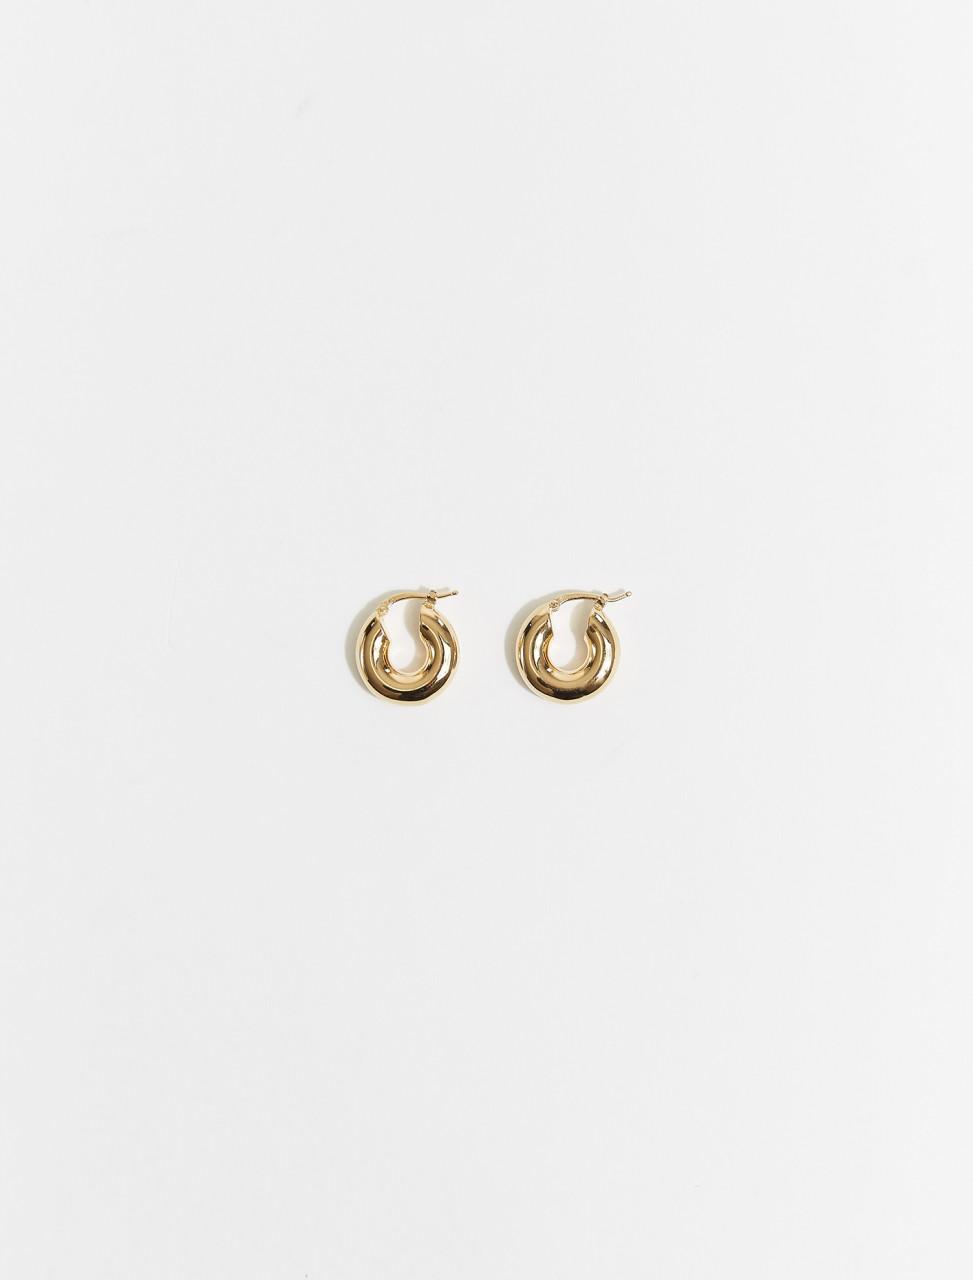 JSPT837312_WTS84002_710 JIL SANDER CLASSIC ROUND EARRINGS IN GOLD